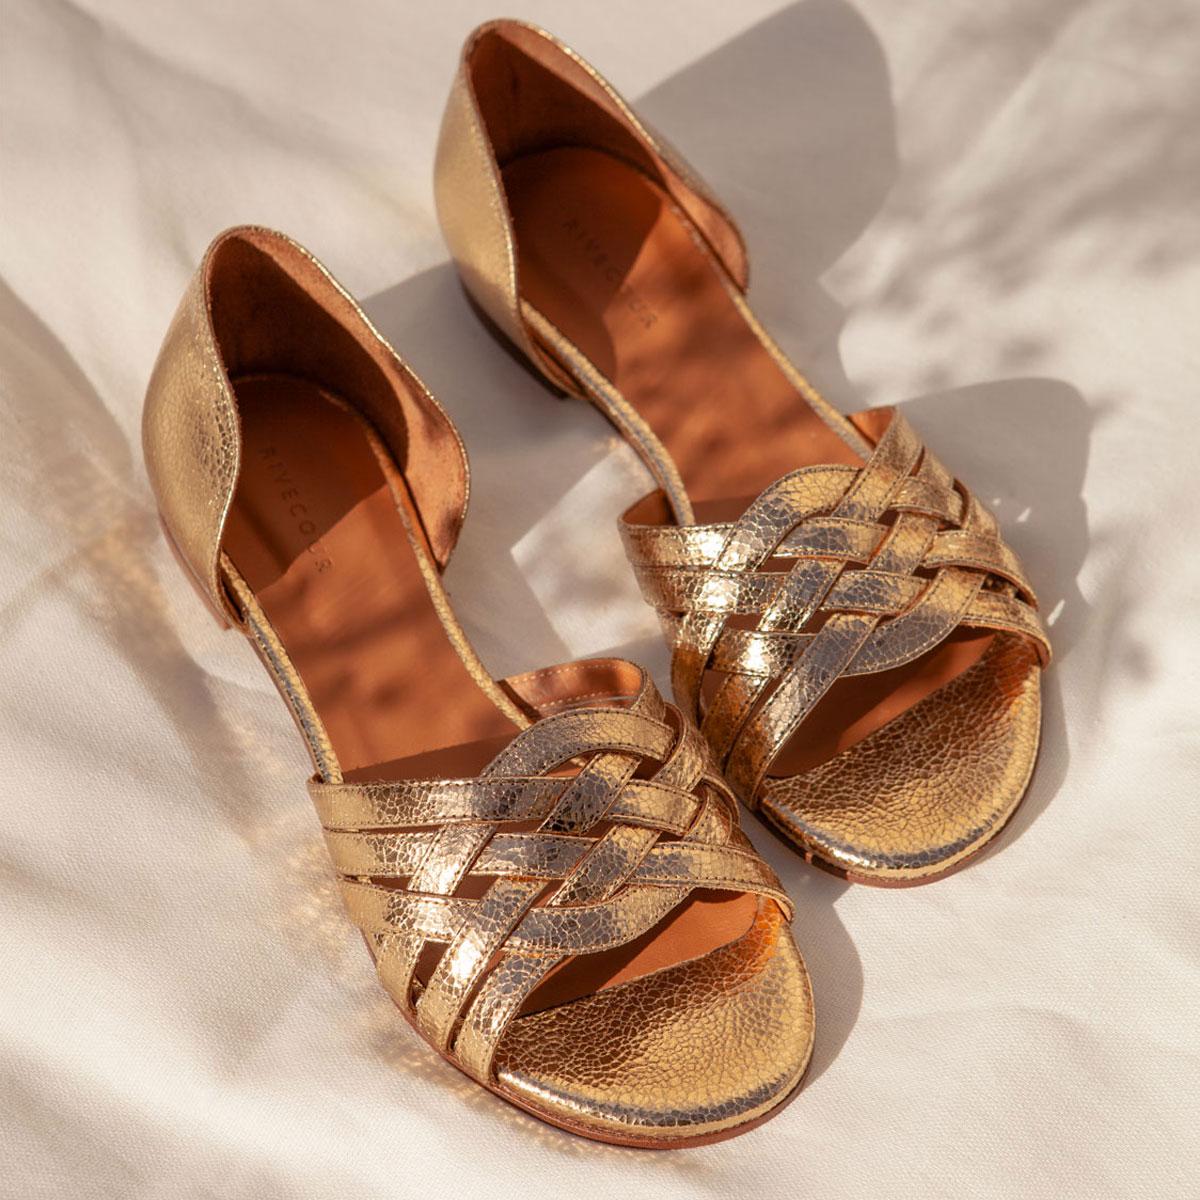 Sandales N°34 Gold